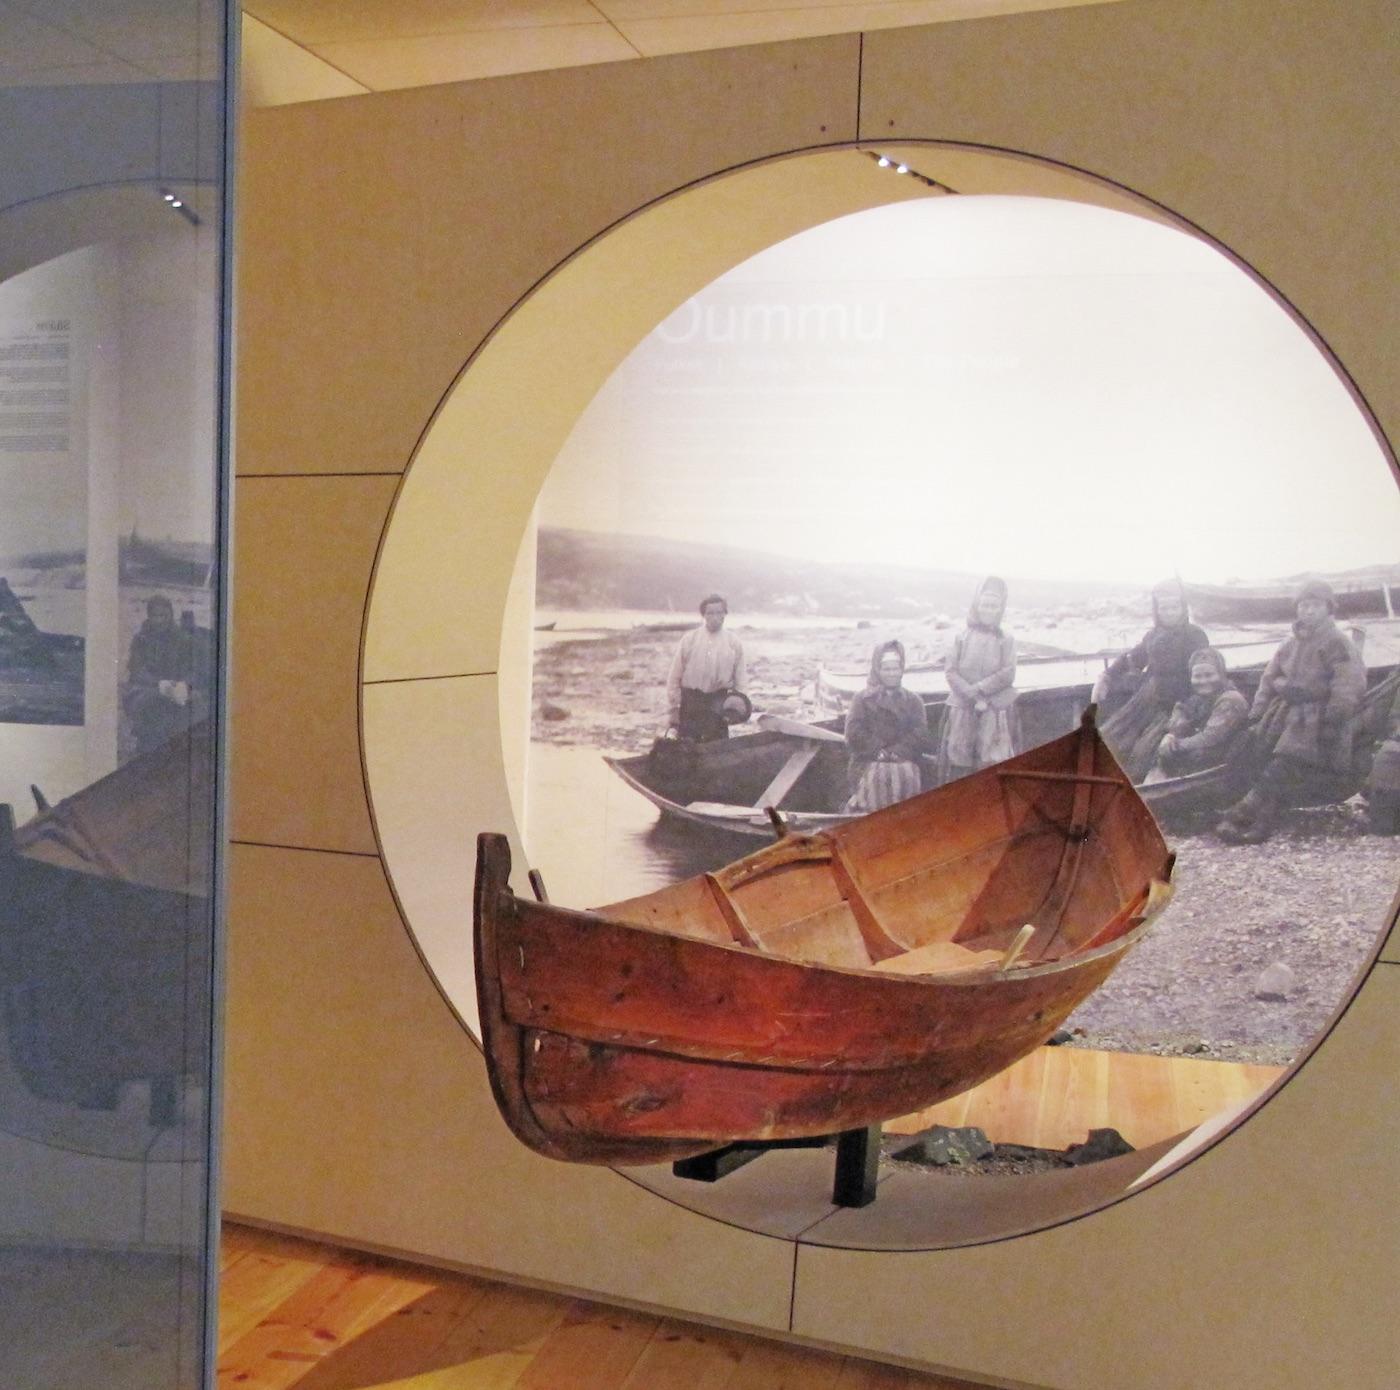 SKOLTEBASKEN: Utstillingens begynnelse og slutt blir elegant bundet sammen av skoltebasken, en båt fra 1800 tallet brukt i Pasvik. Skoltesamene flyttet mellom flere faste boplasser. Båten var viktig under flyttingene og særlig i forbindelse med fiske. FOTO: Ä'VV SKOLTESAMISK MUSEUM